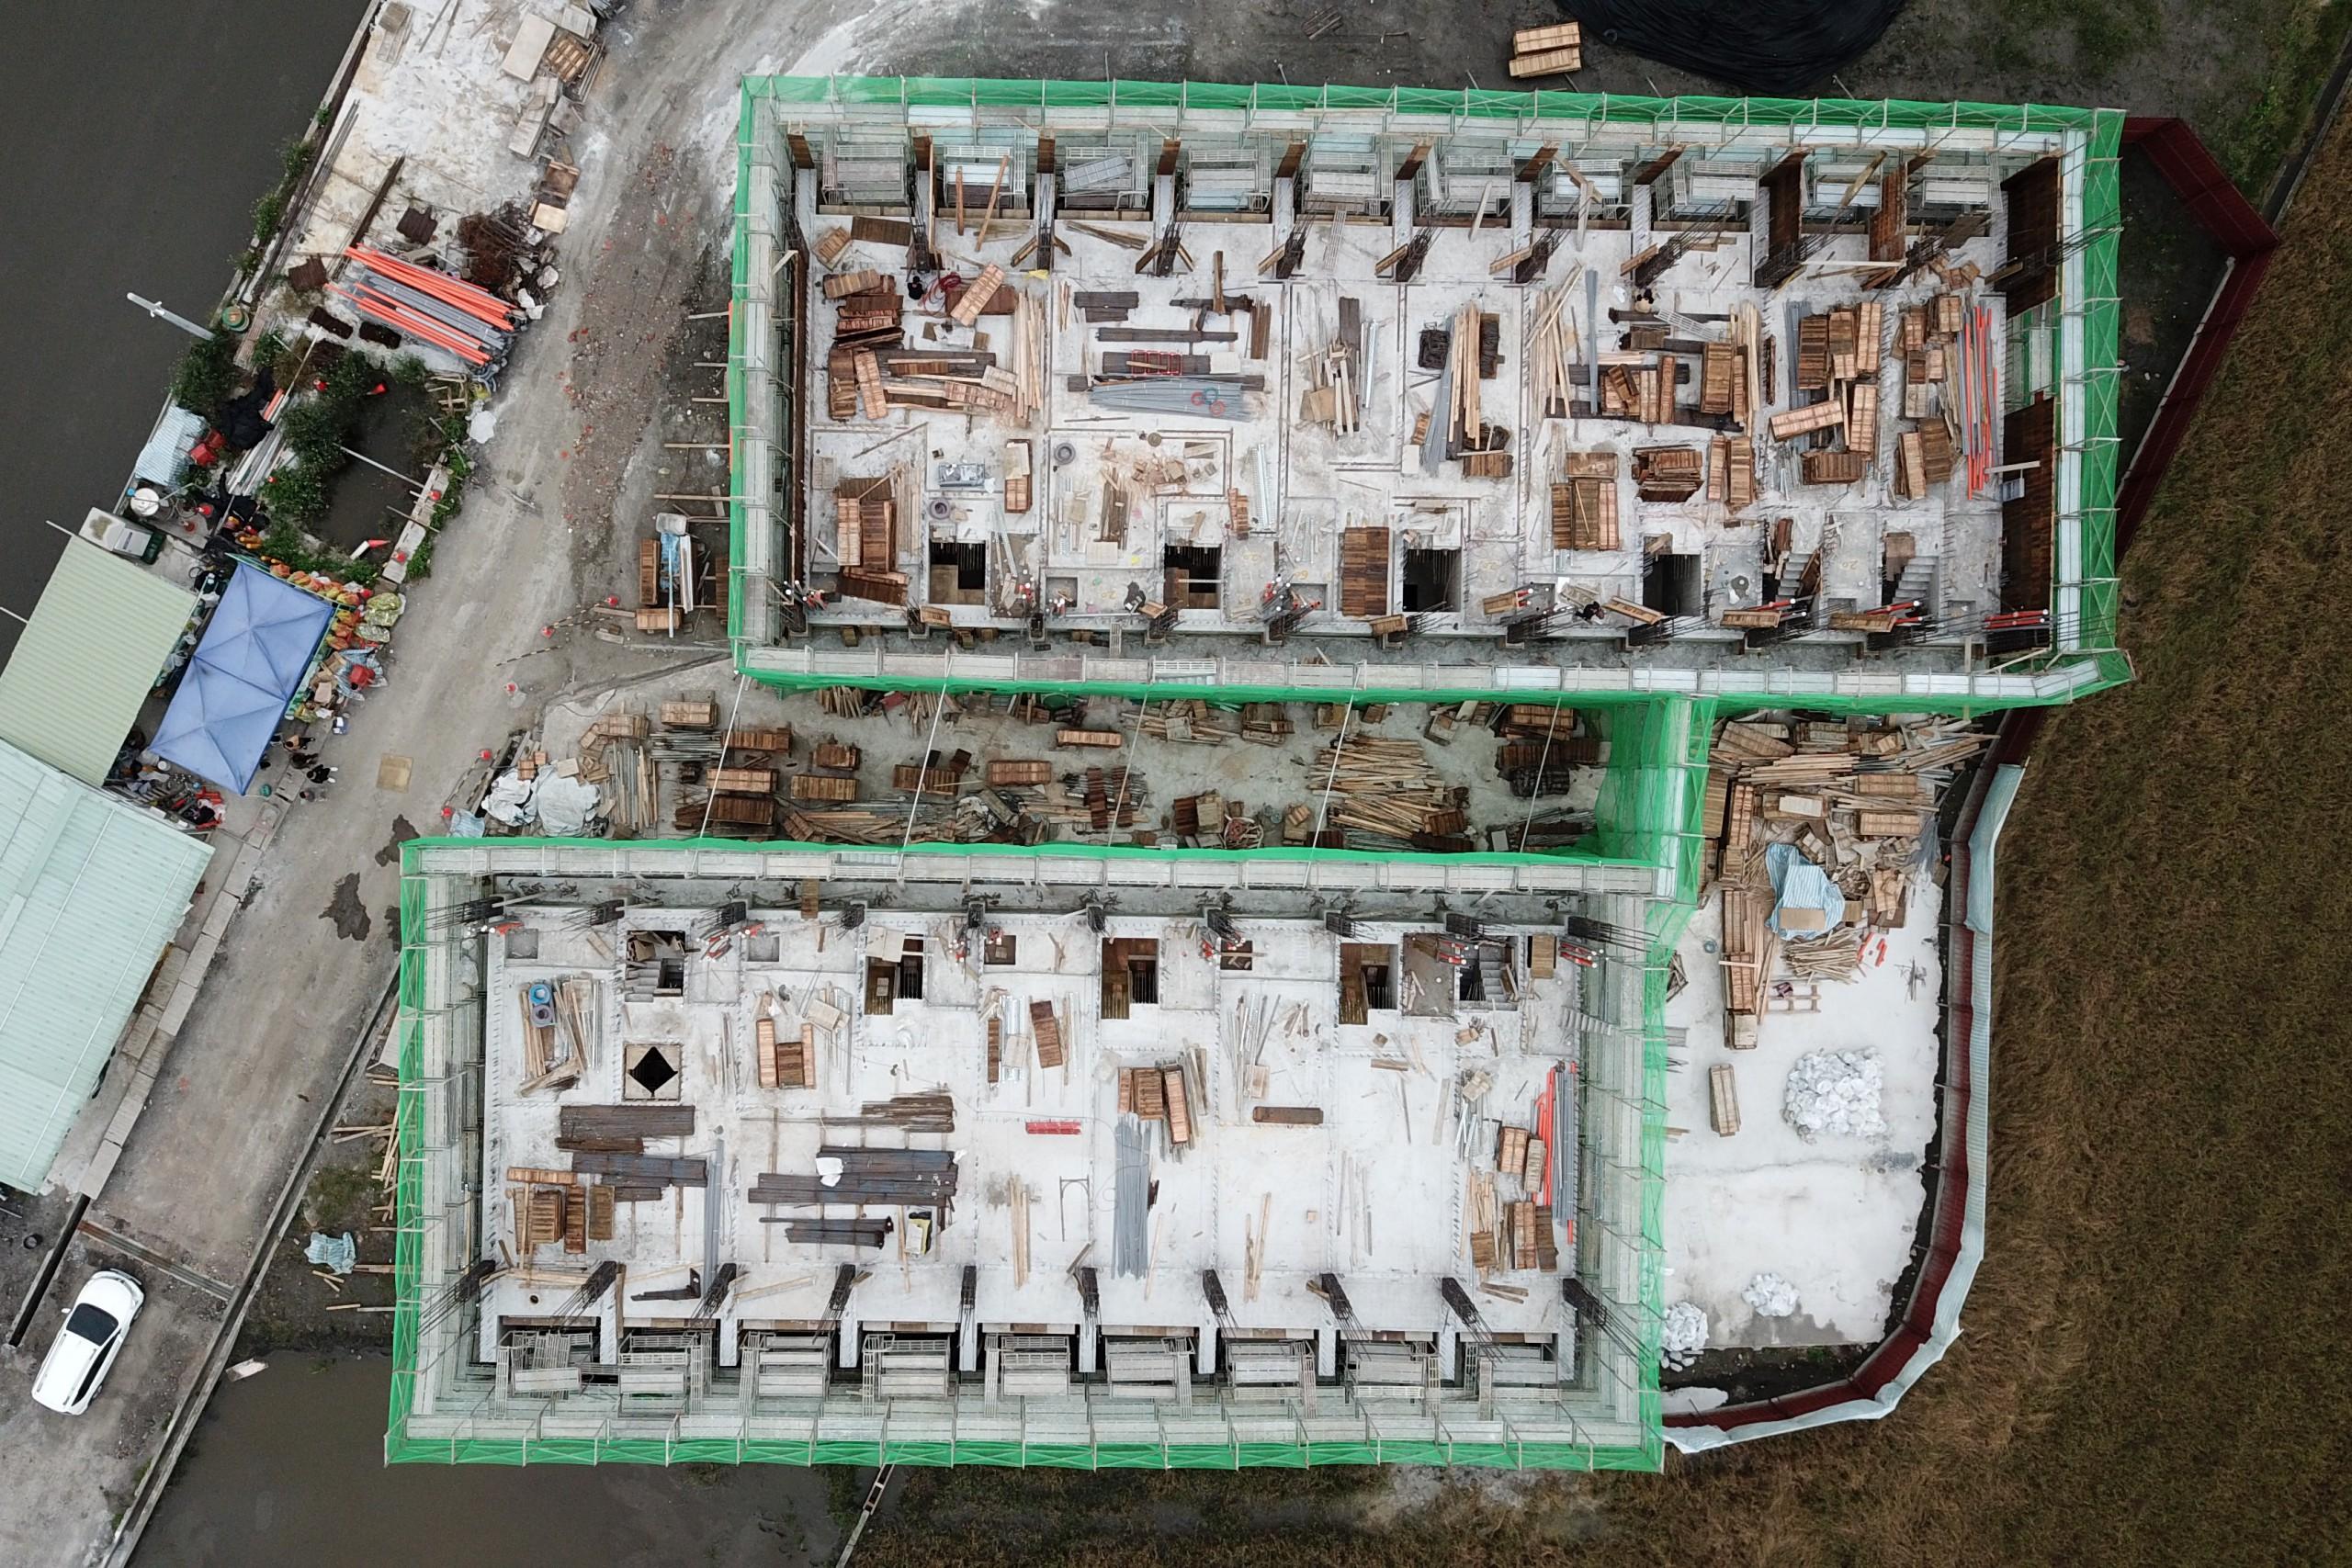 德築-DEZU-project-Zutian-architecture-real-estate-engineering-10